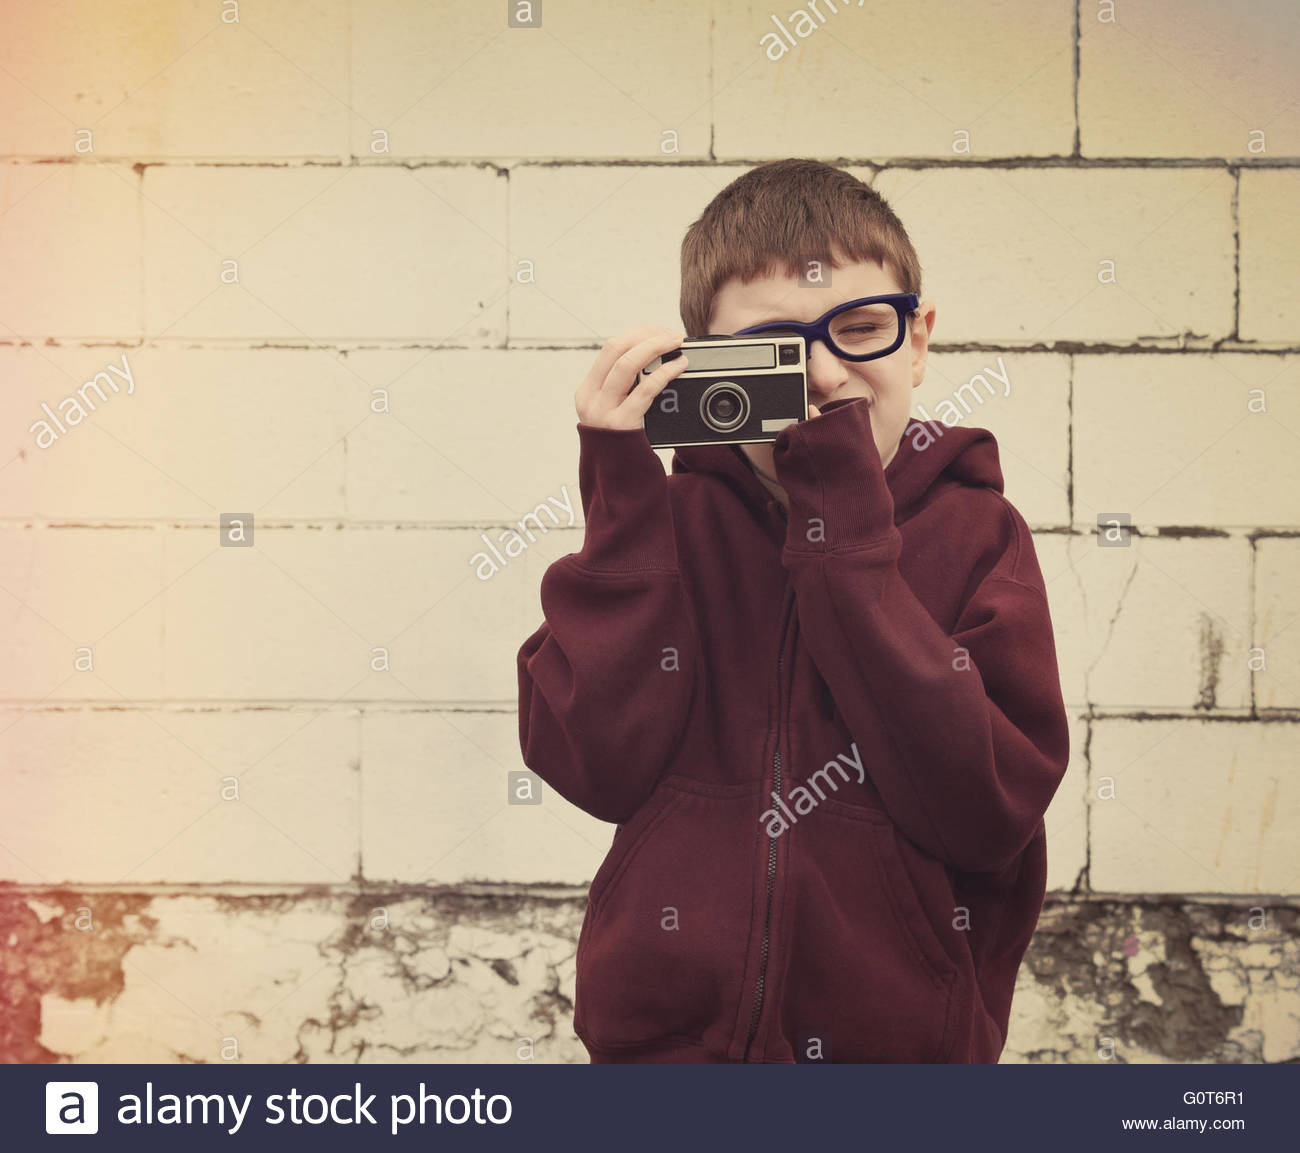 Ein junges Kind nimmt ein Foto mit einer alten Vintage-Kamera gegen eine Mauer für ein Retro-Technologie oder Stockbild